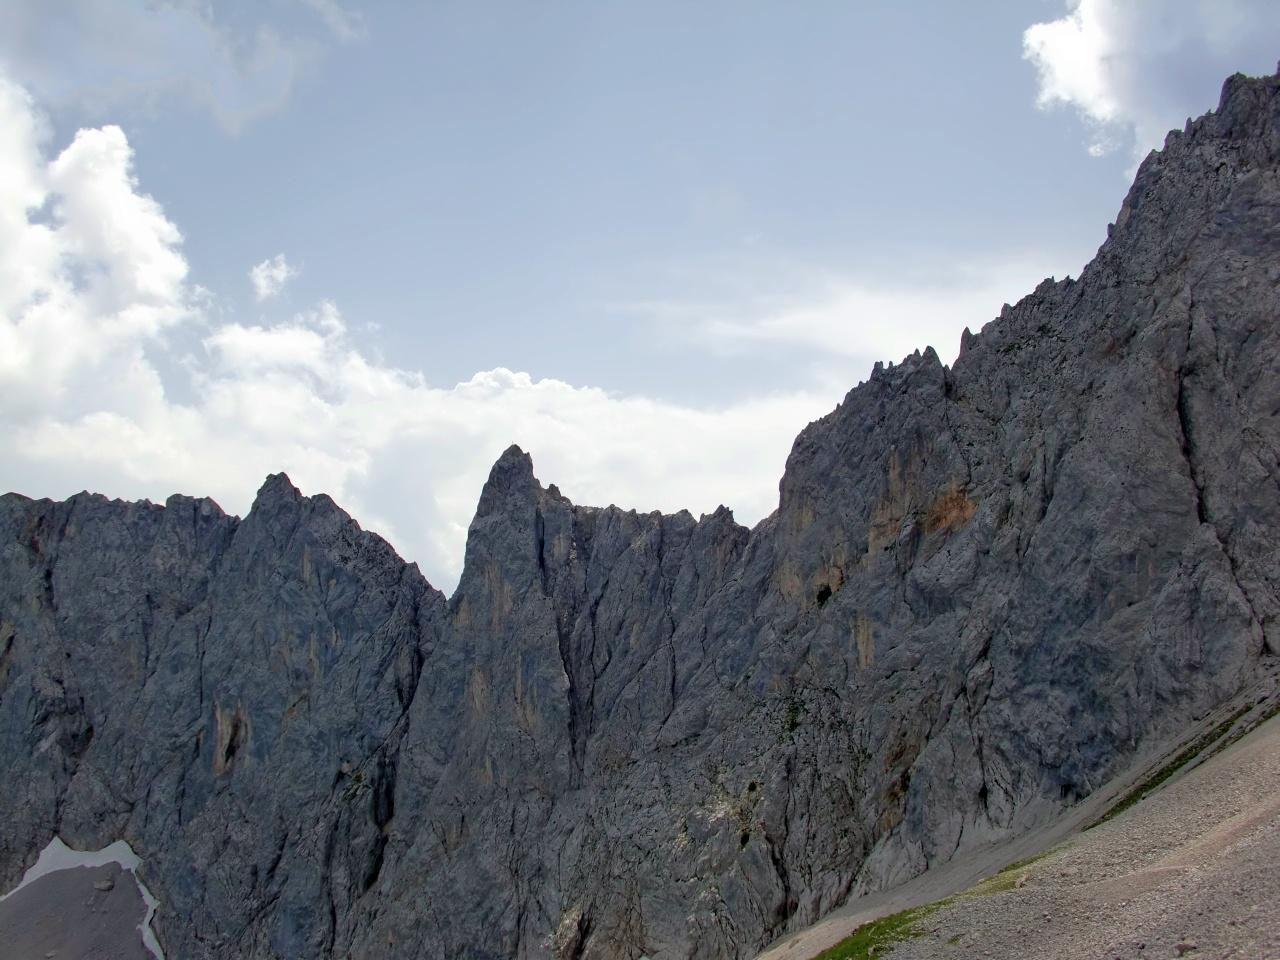 Klettersteig Lamsenspitze : Lamsenspitze wandern